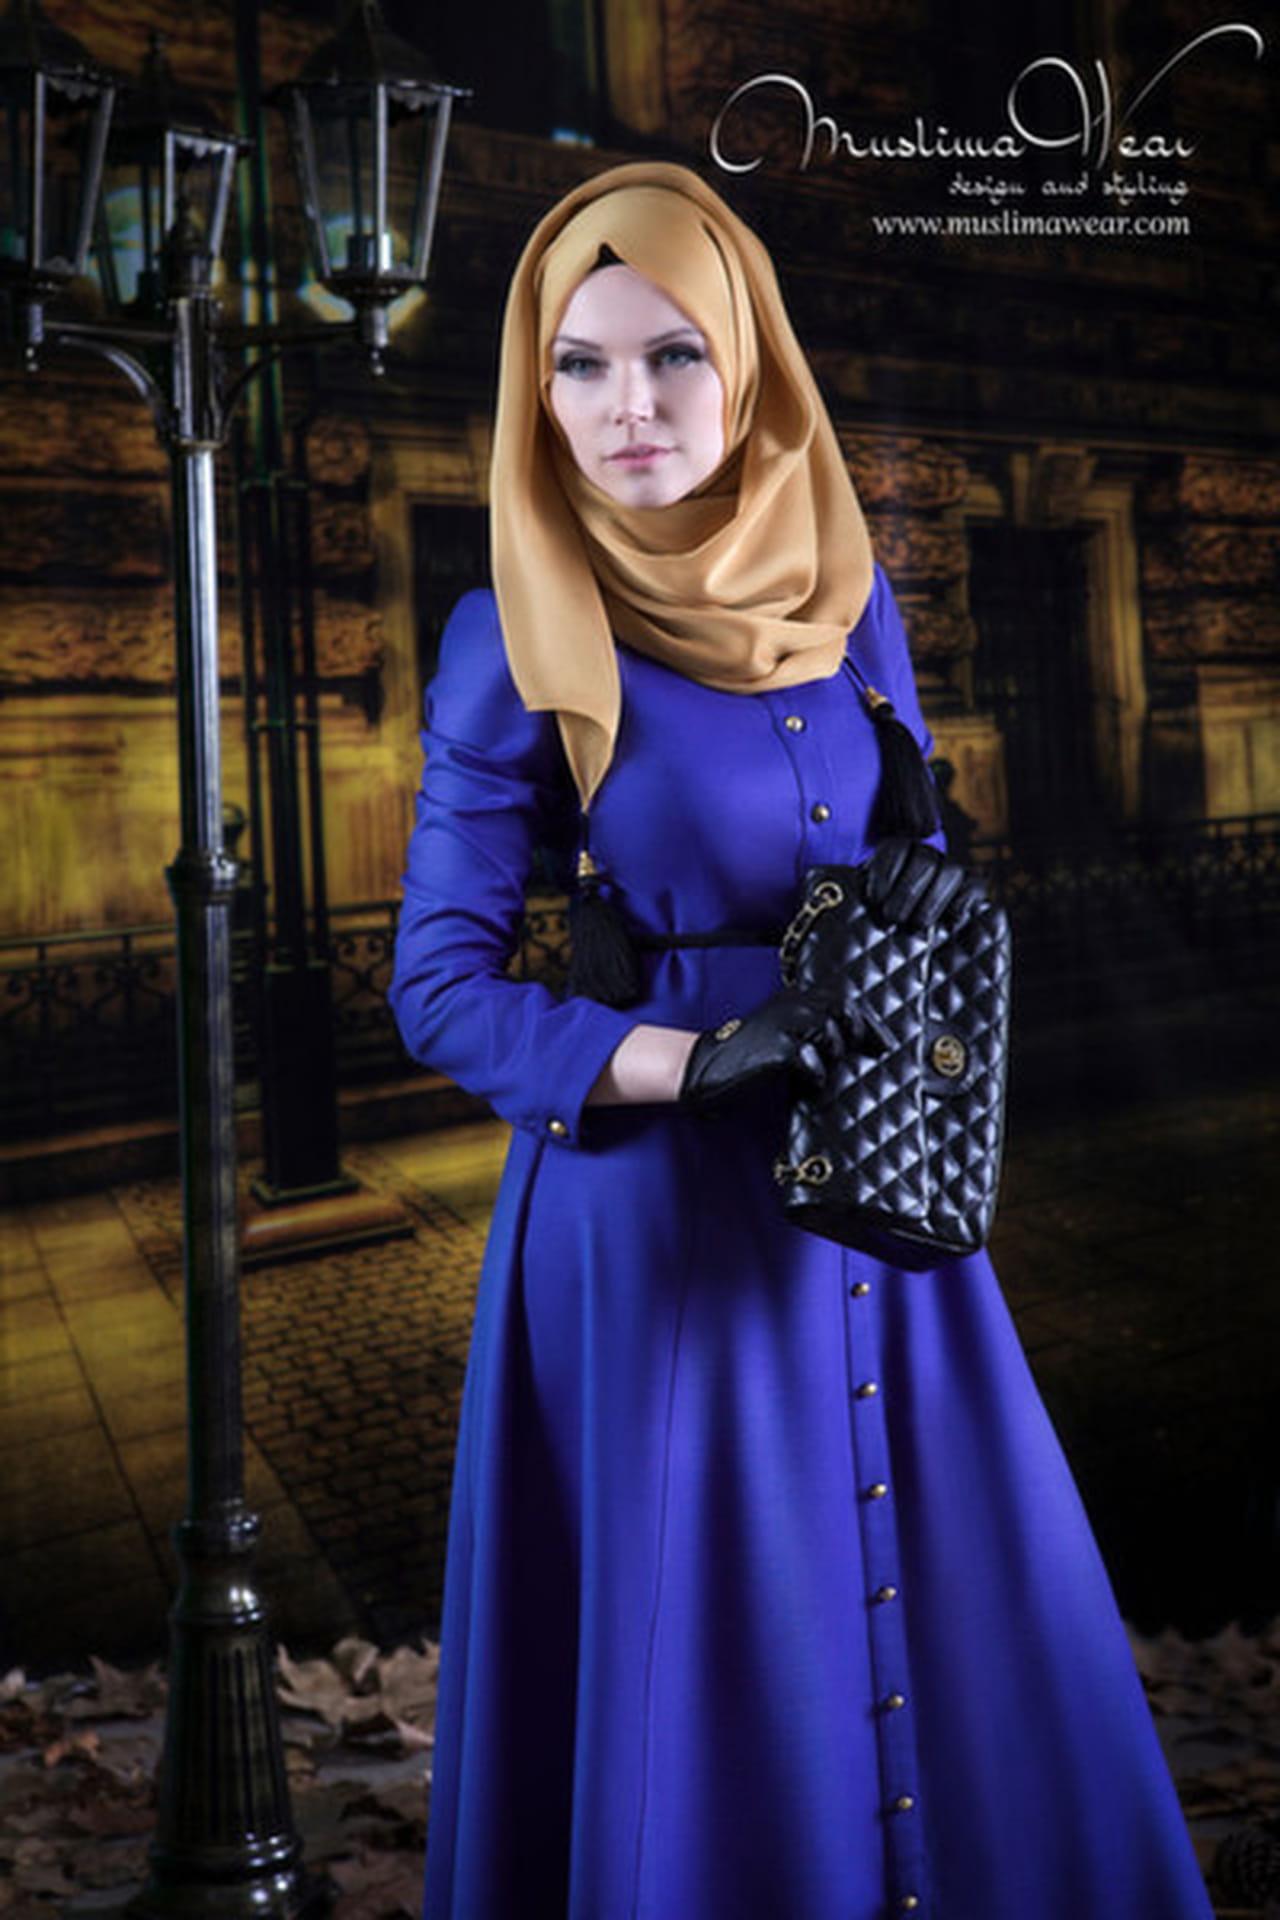 أفضل 10 إطلالات من أزياء Muslima Wear التركية  814320